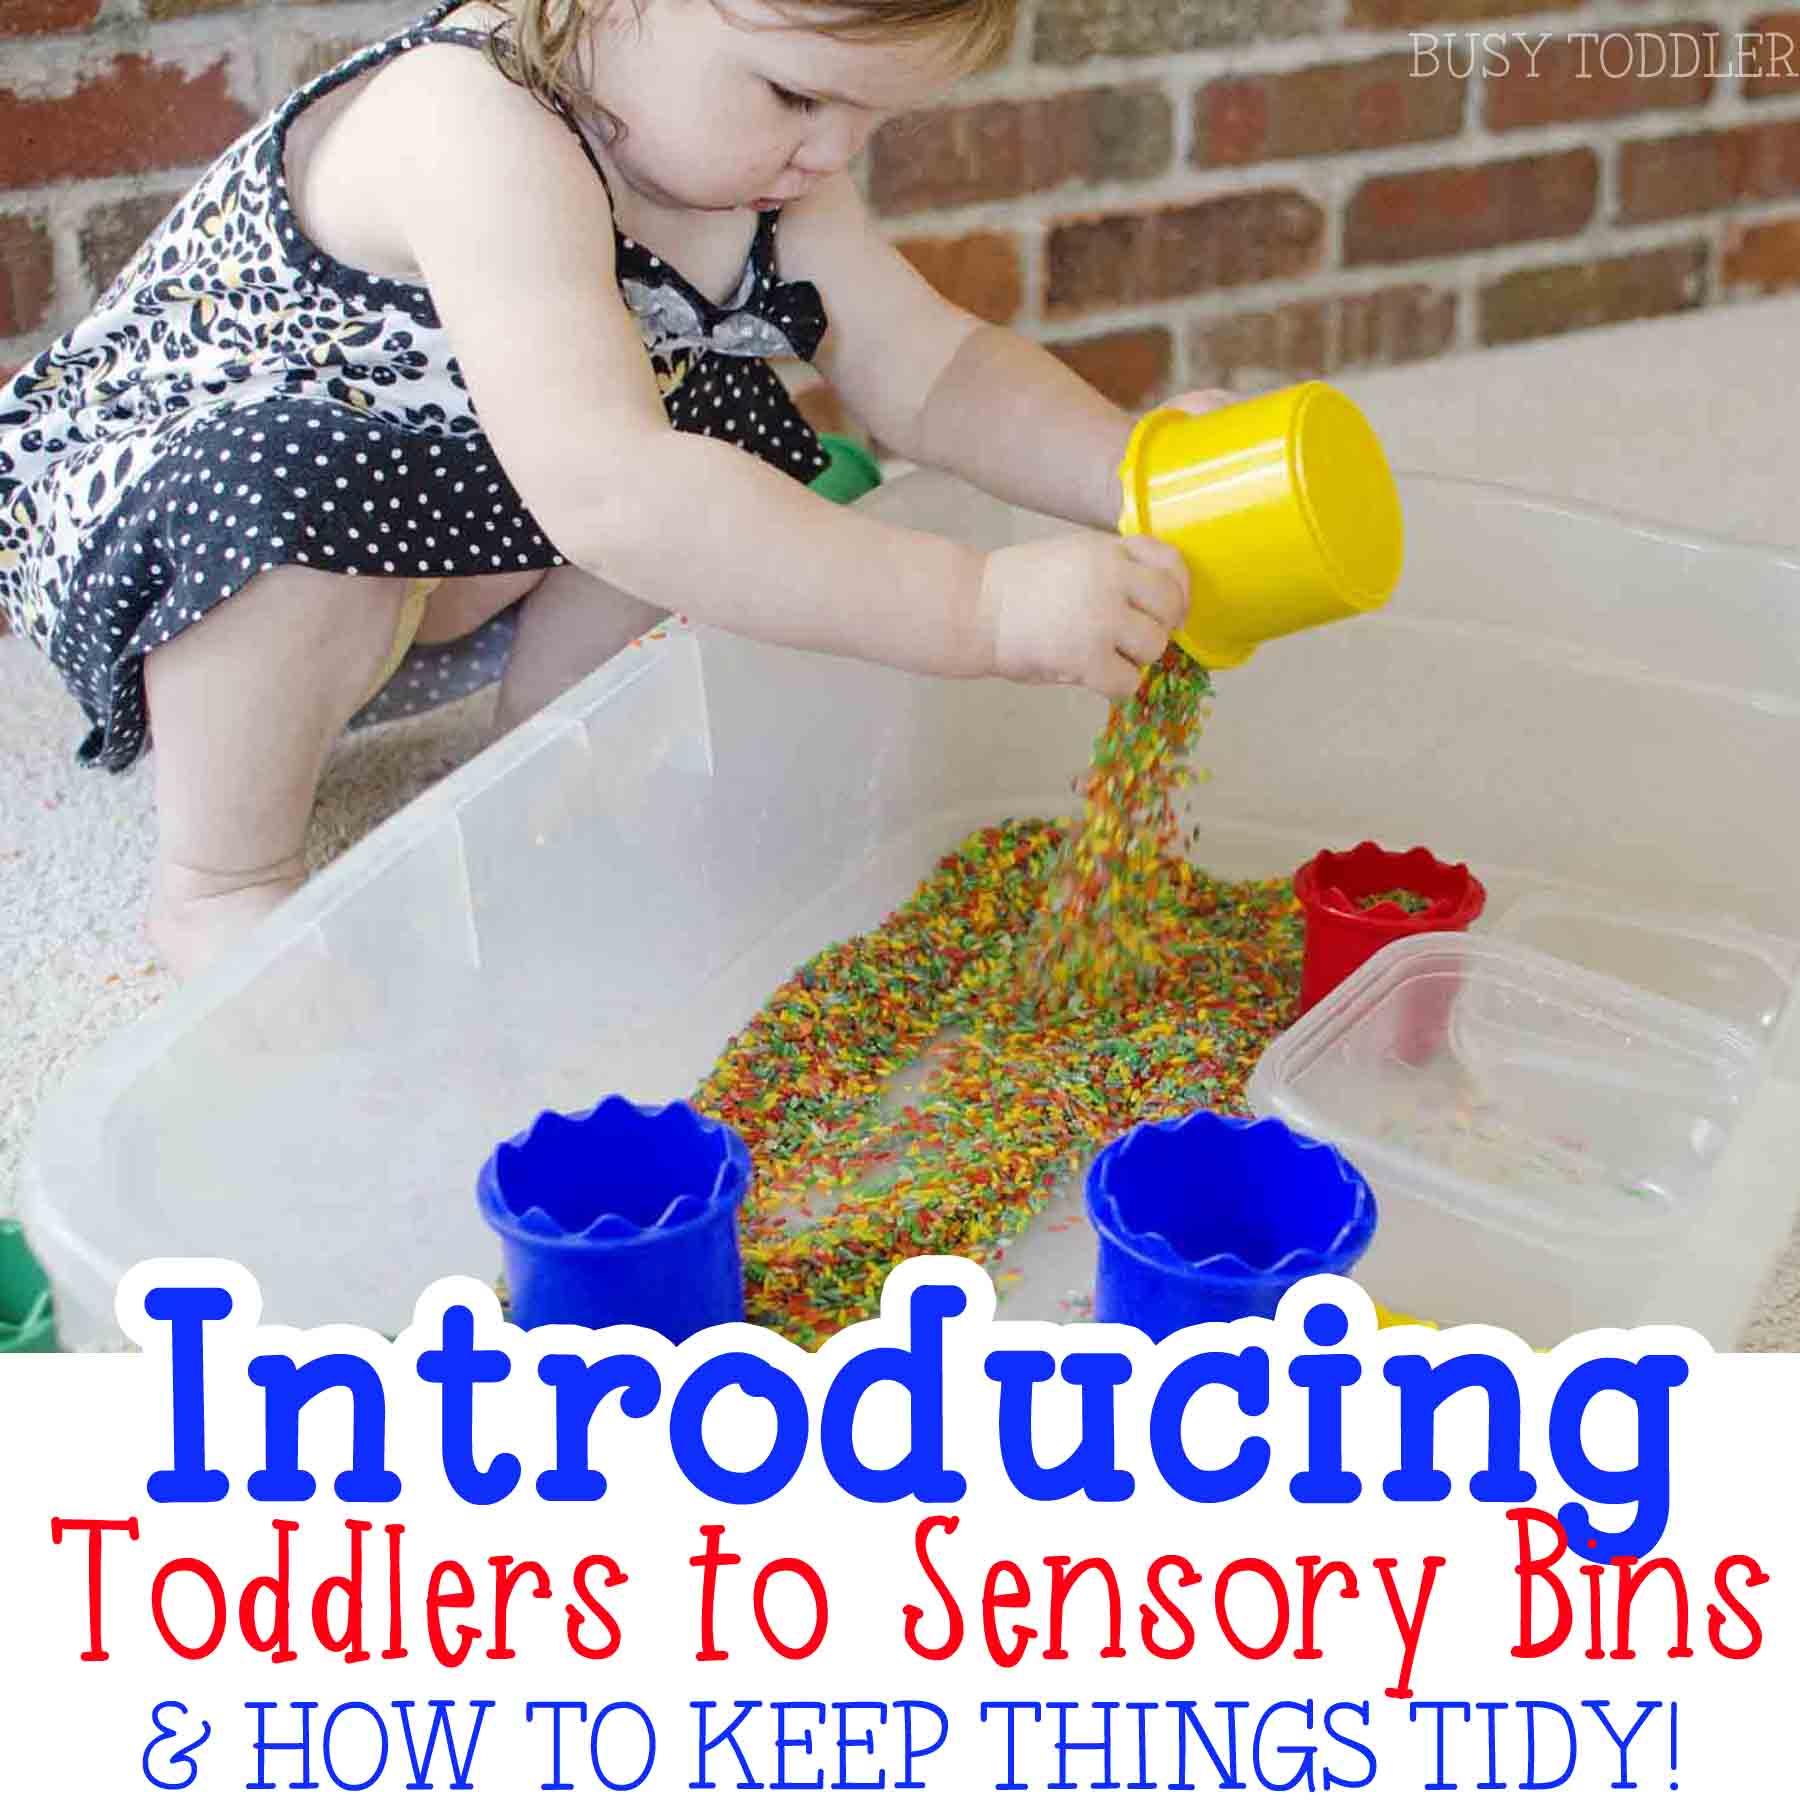 PRÉSENTATION DES BACS SENSORIELS AUX JEUNES ENFANTS: Vous êtes-vous déjà demandé par où commencer avec les bacs sensoriels? Cet article contient de nombreux conseils utiles pour apprendre aux tout-petits à jouer avec les bacs sensoriels.